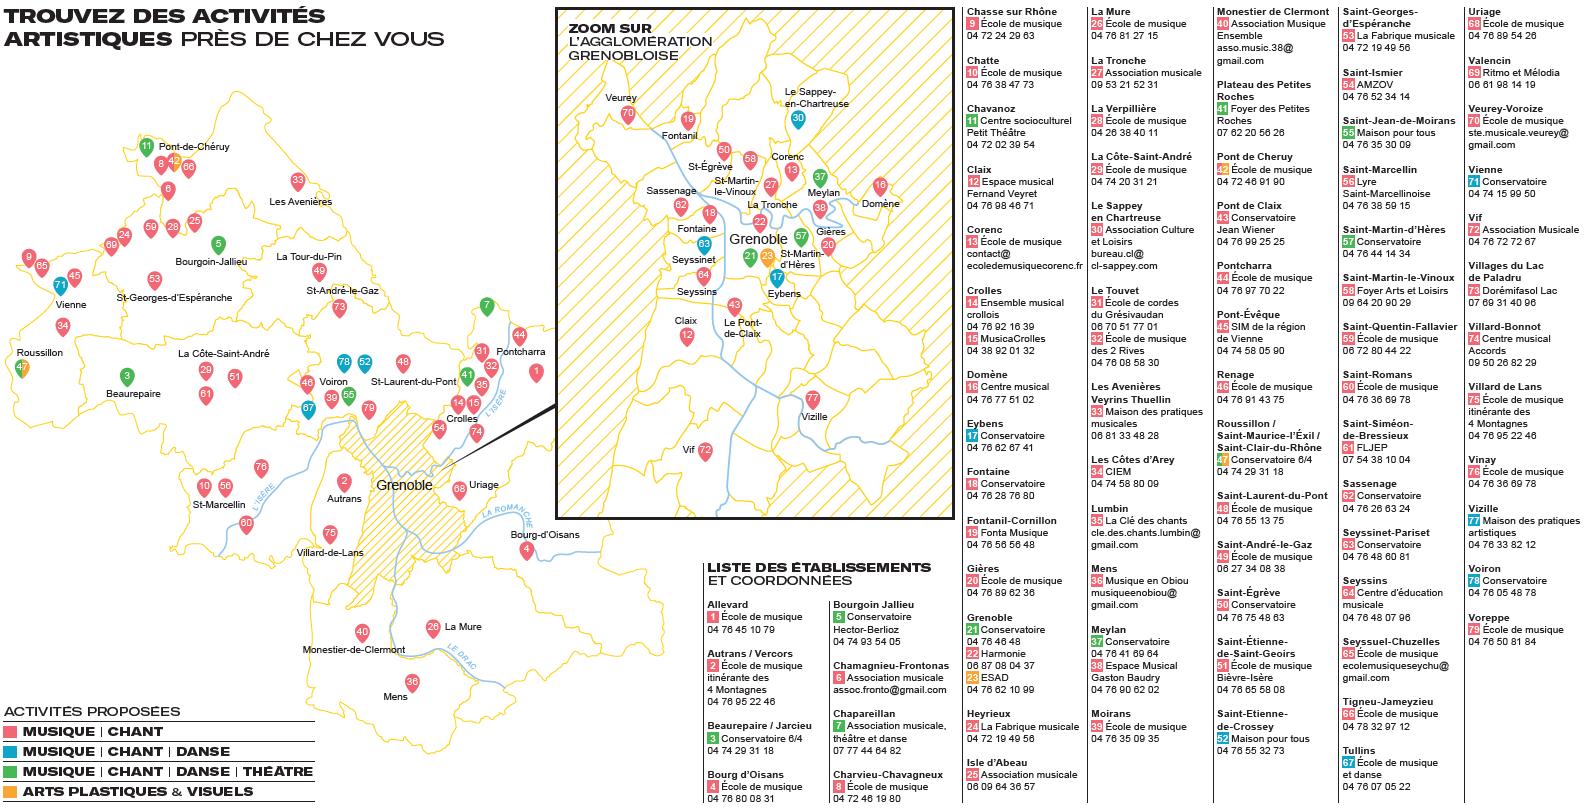 Cartographie des établissements d'enseignement artistique en Isère